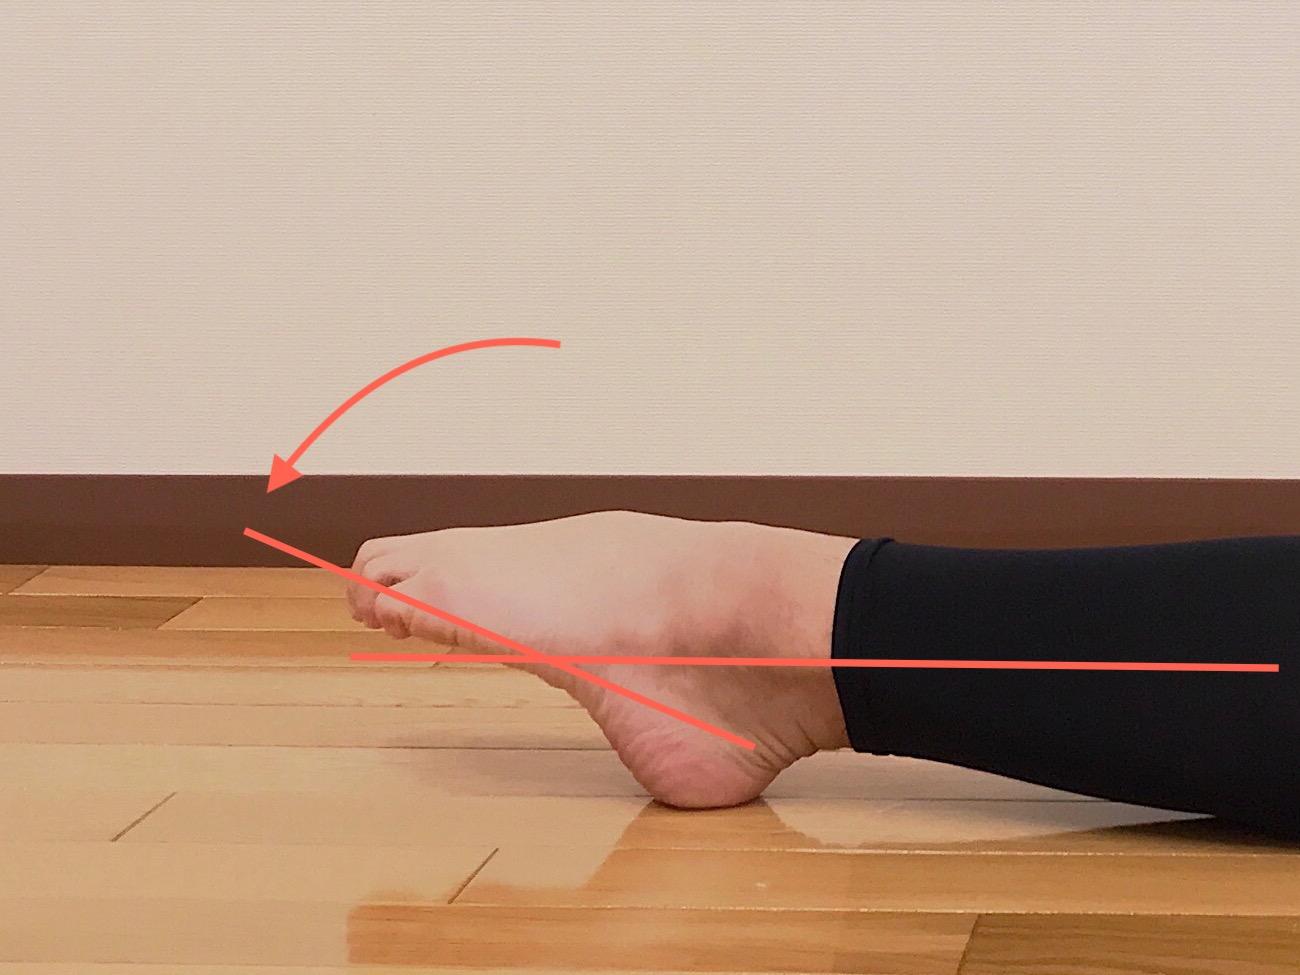 足関節を伸ばす動作(底屈)が柔らかい場合